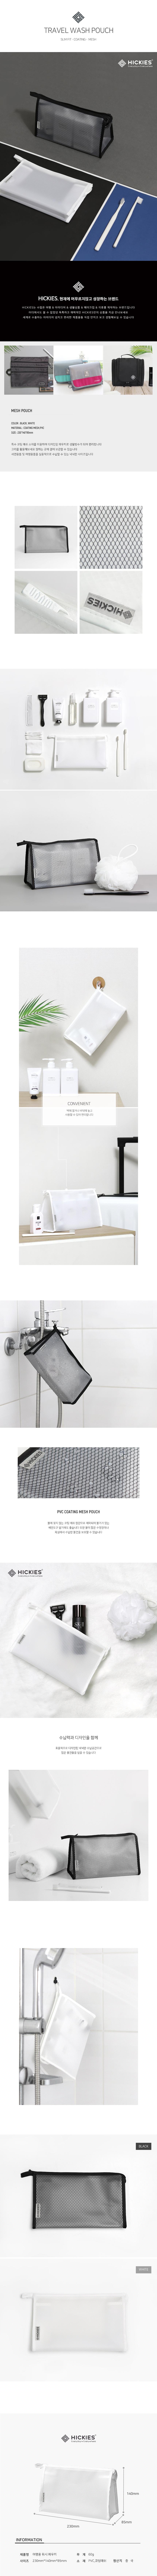 여행 출장 세면도구 정리 코팅 메쉬 파우치 워시백 - 심플, 7,900원, 트래블팩단품, 1단 트래블팩